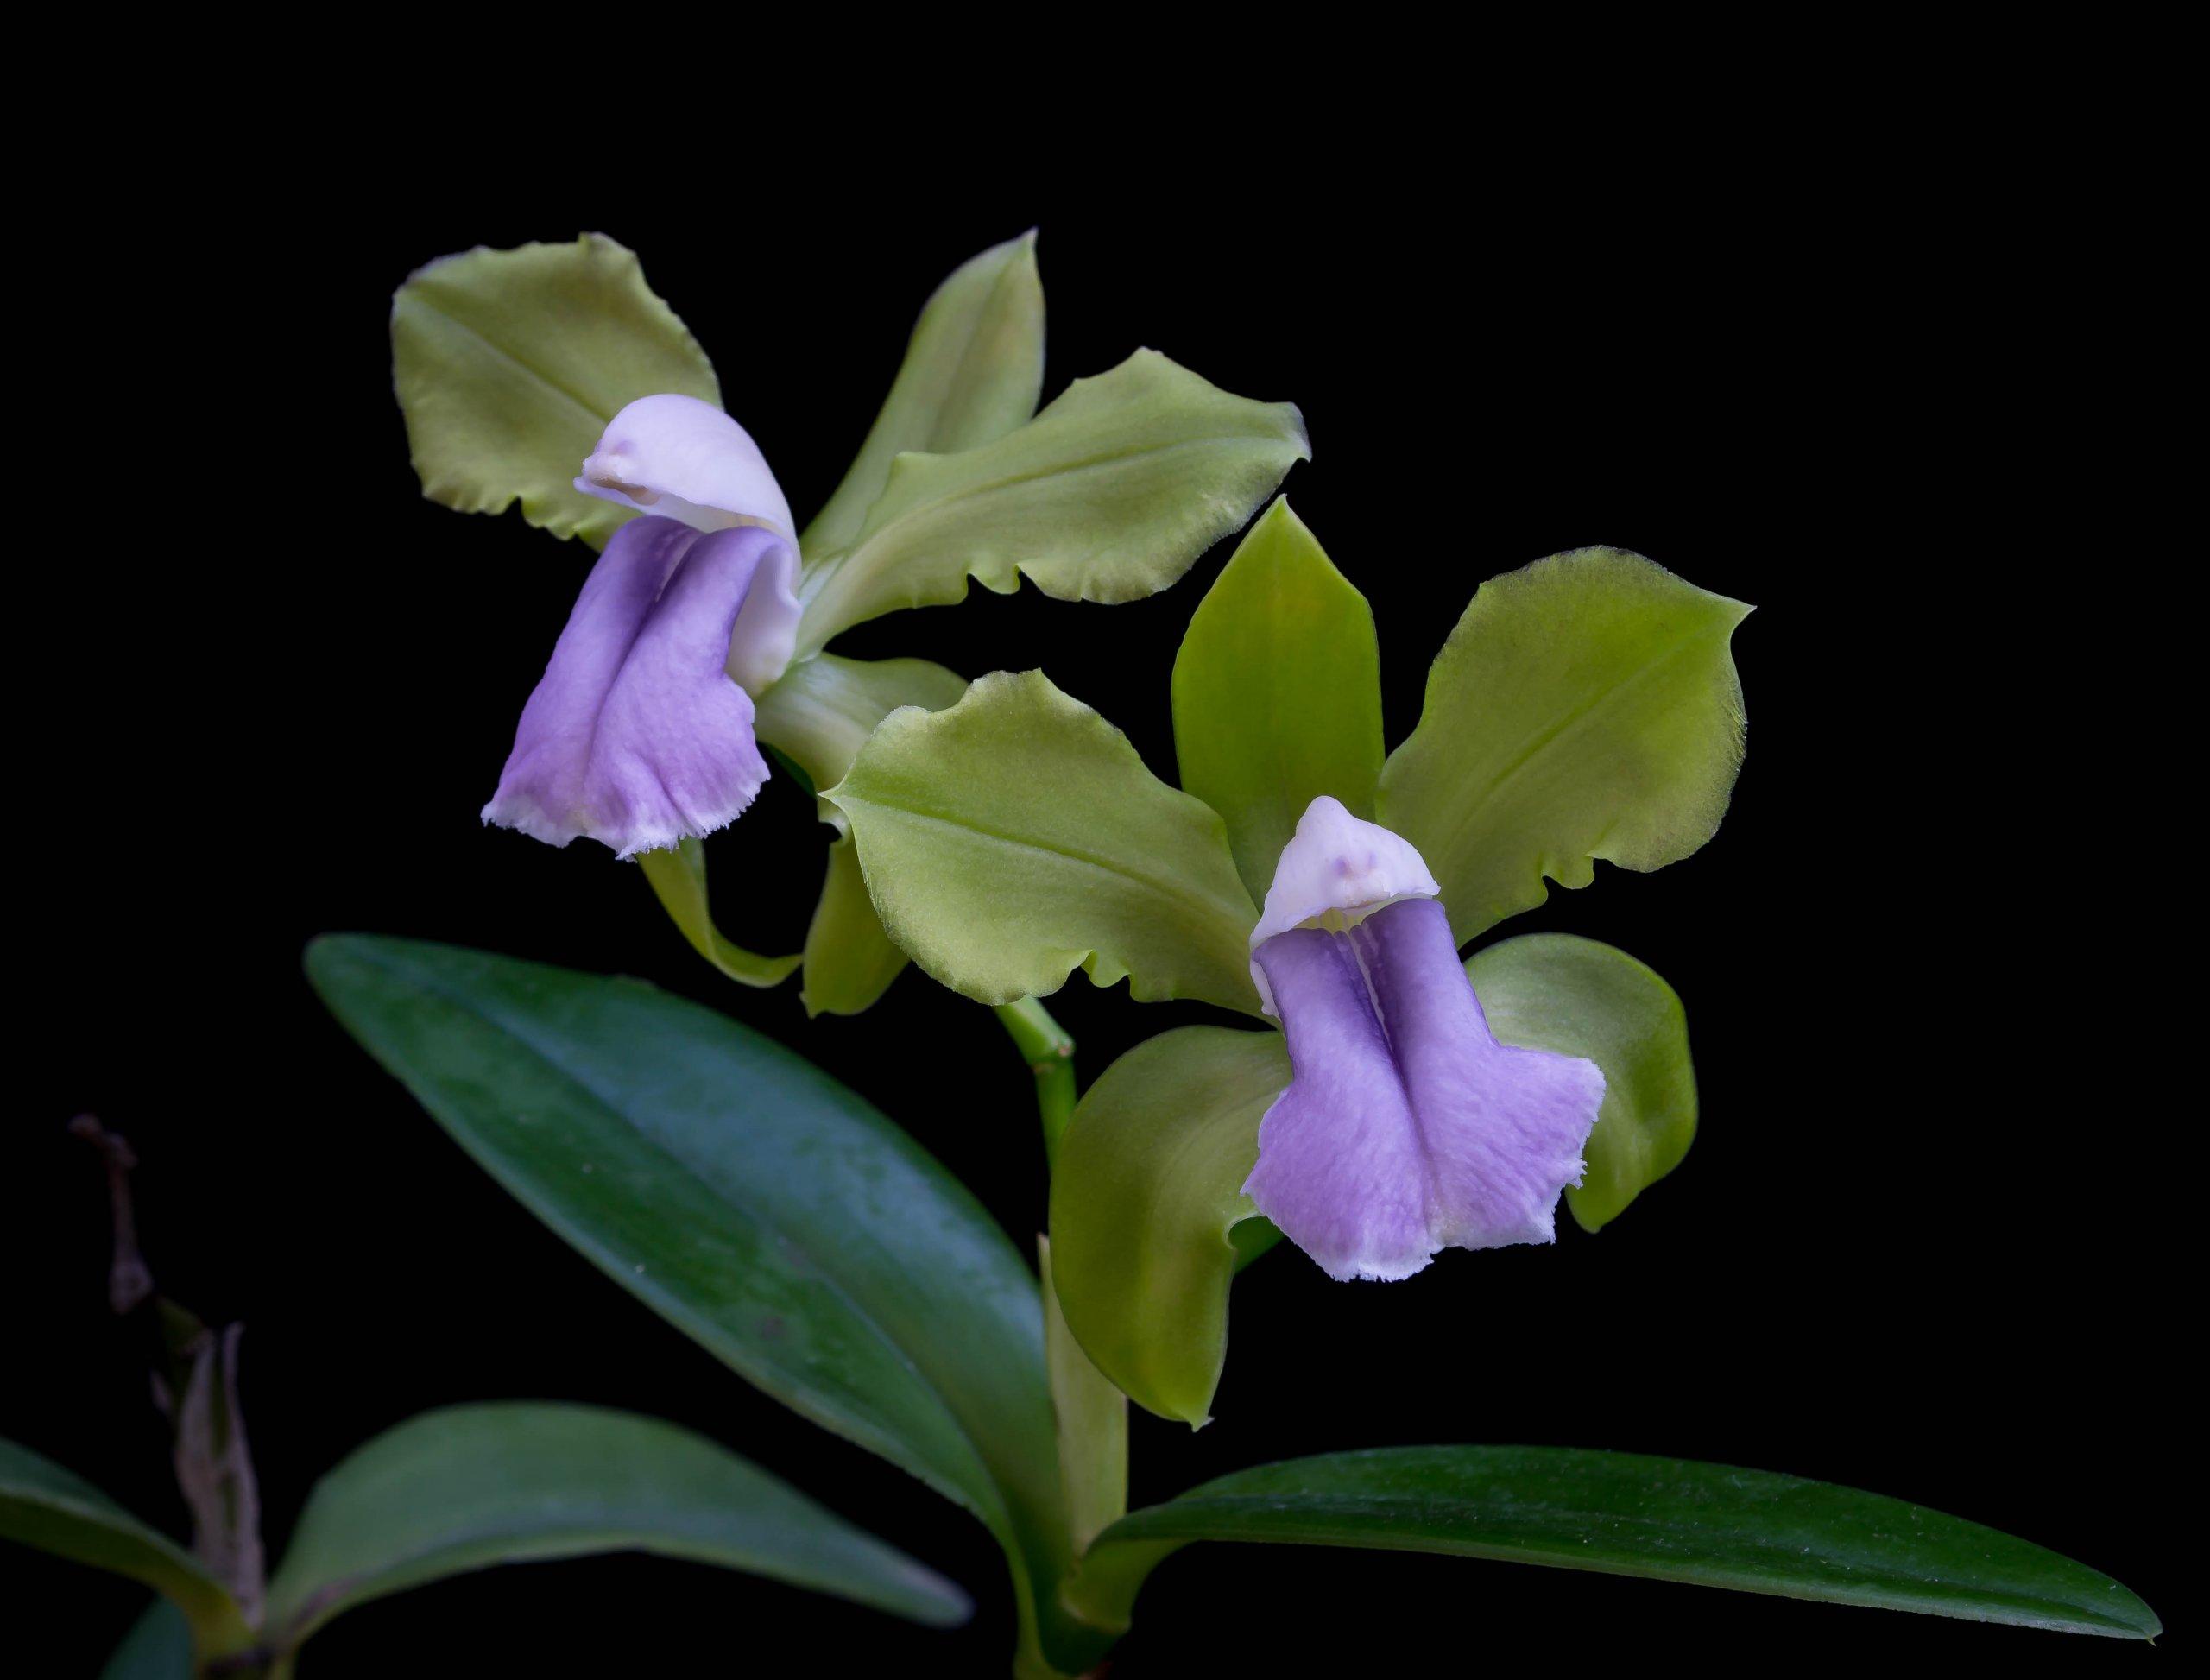 23092021 Cattleya bicolor var. coerulea (2)-1.jpg